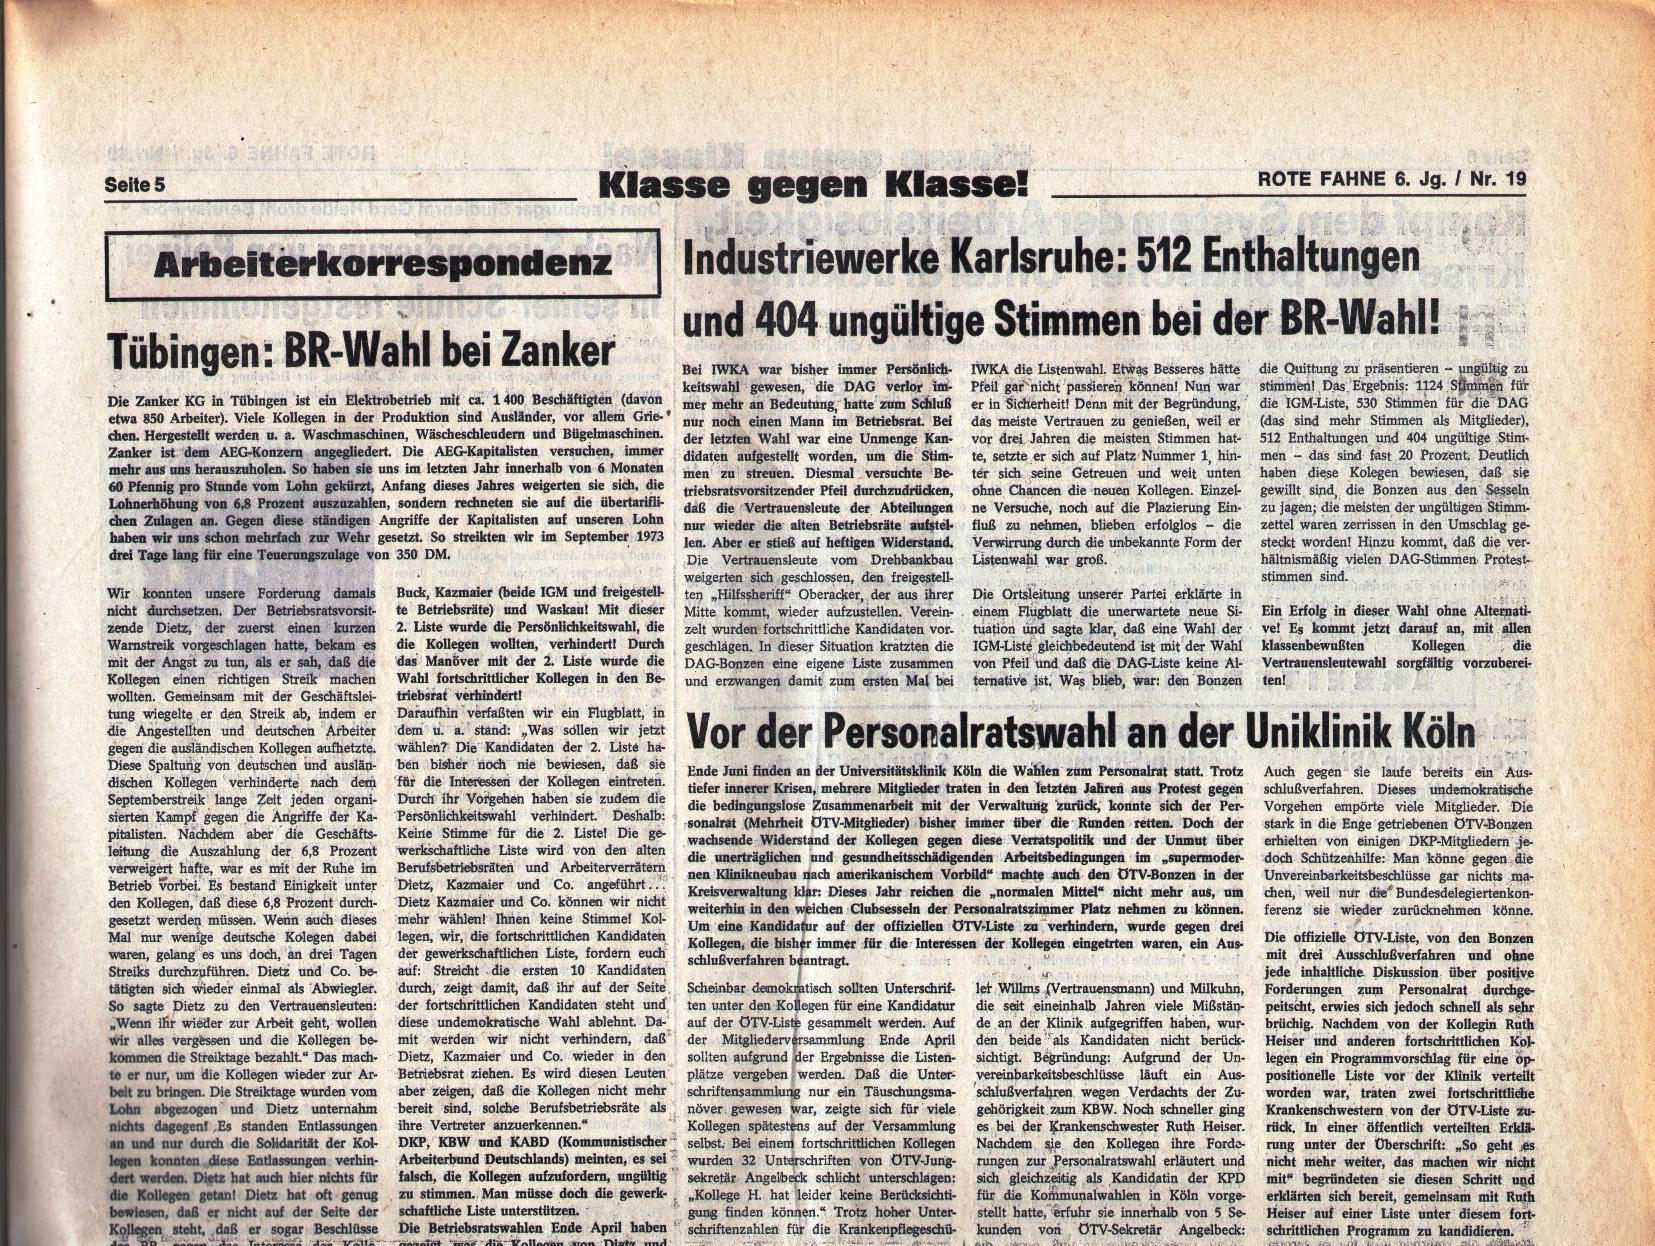 KPD_Rote_Fahne_1975_19_09